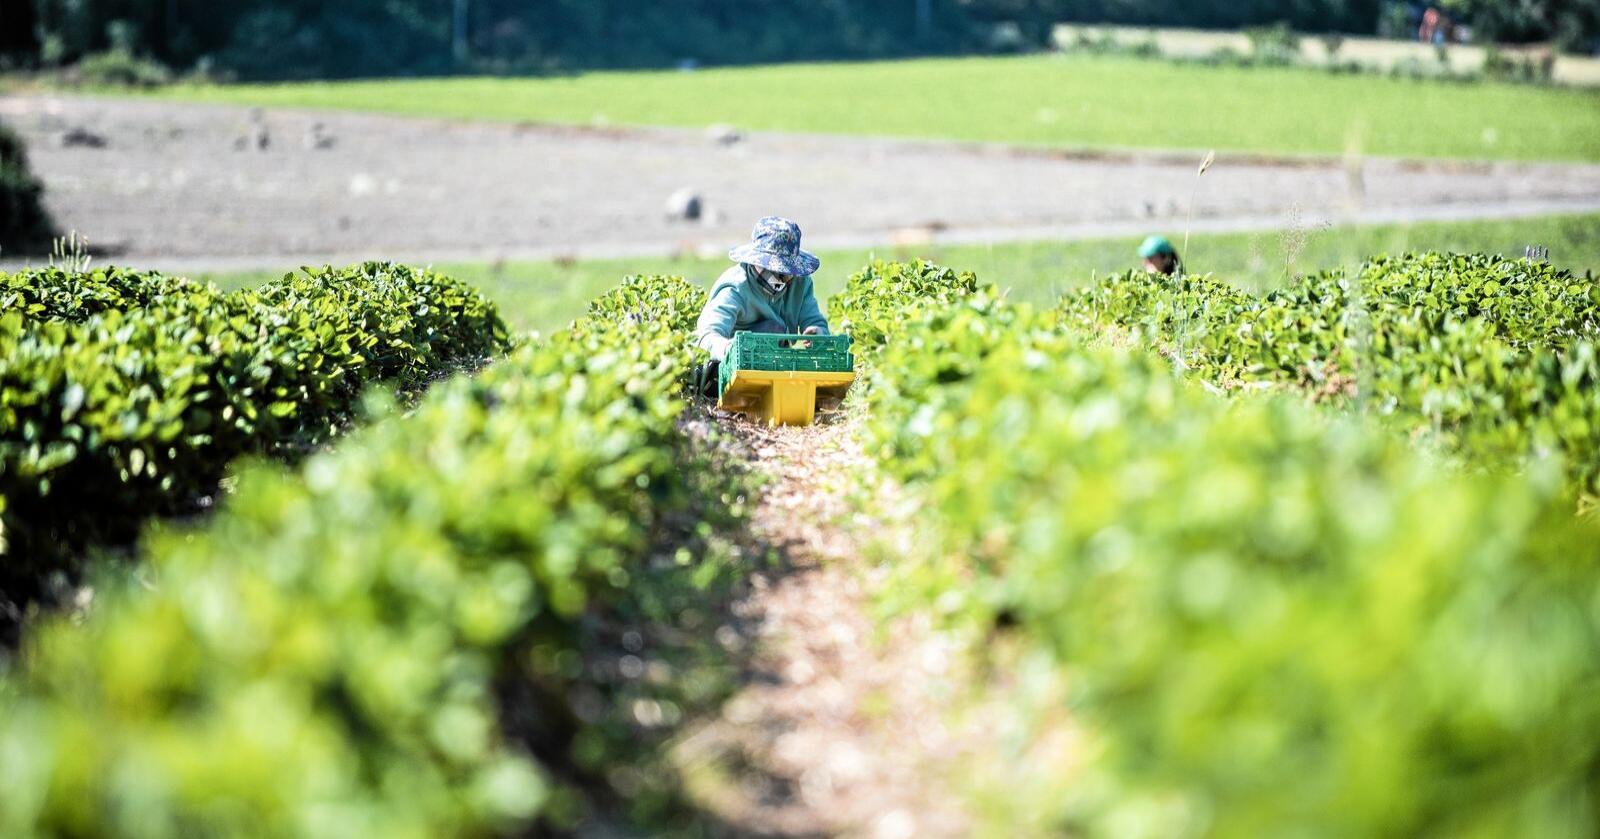 Seniorrådgiver ved Nibio mener norsk matproduksjon kan få problemer uten sesongarbeidere. Foto: Vidar Sandnes